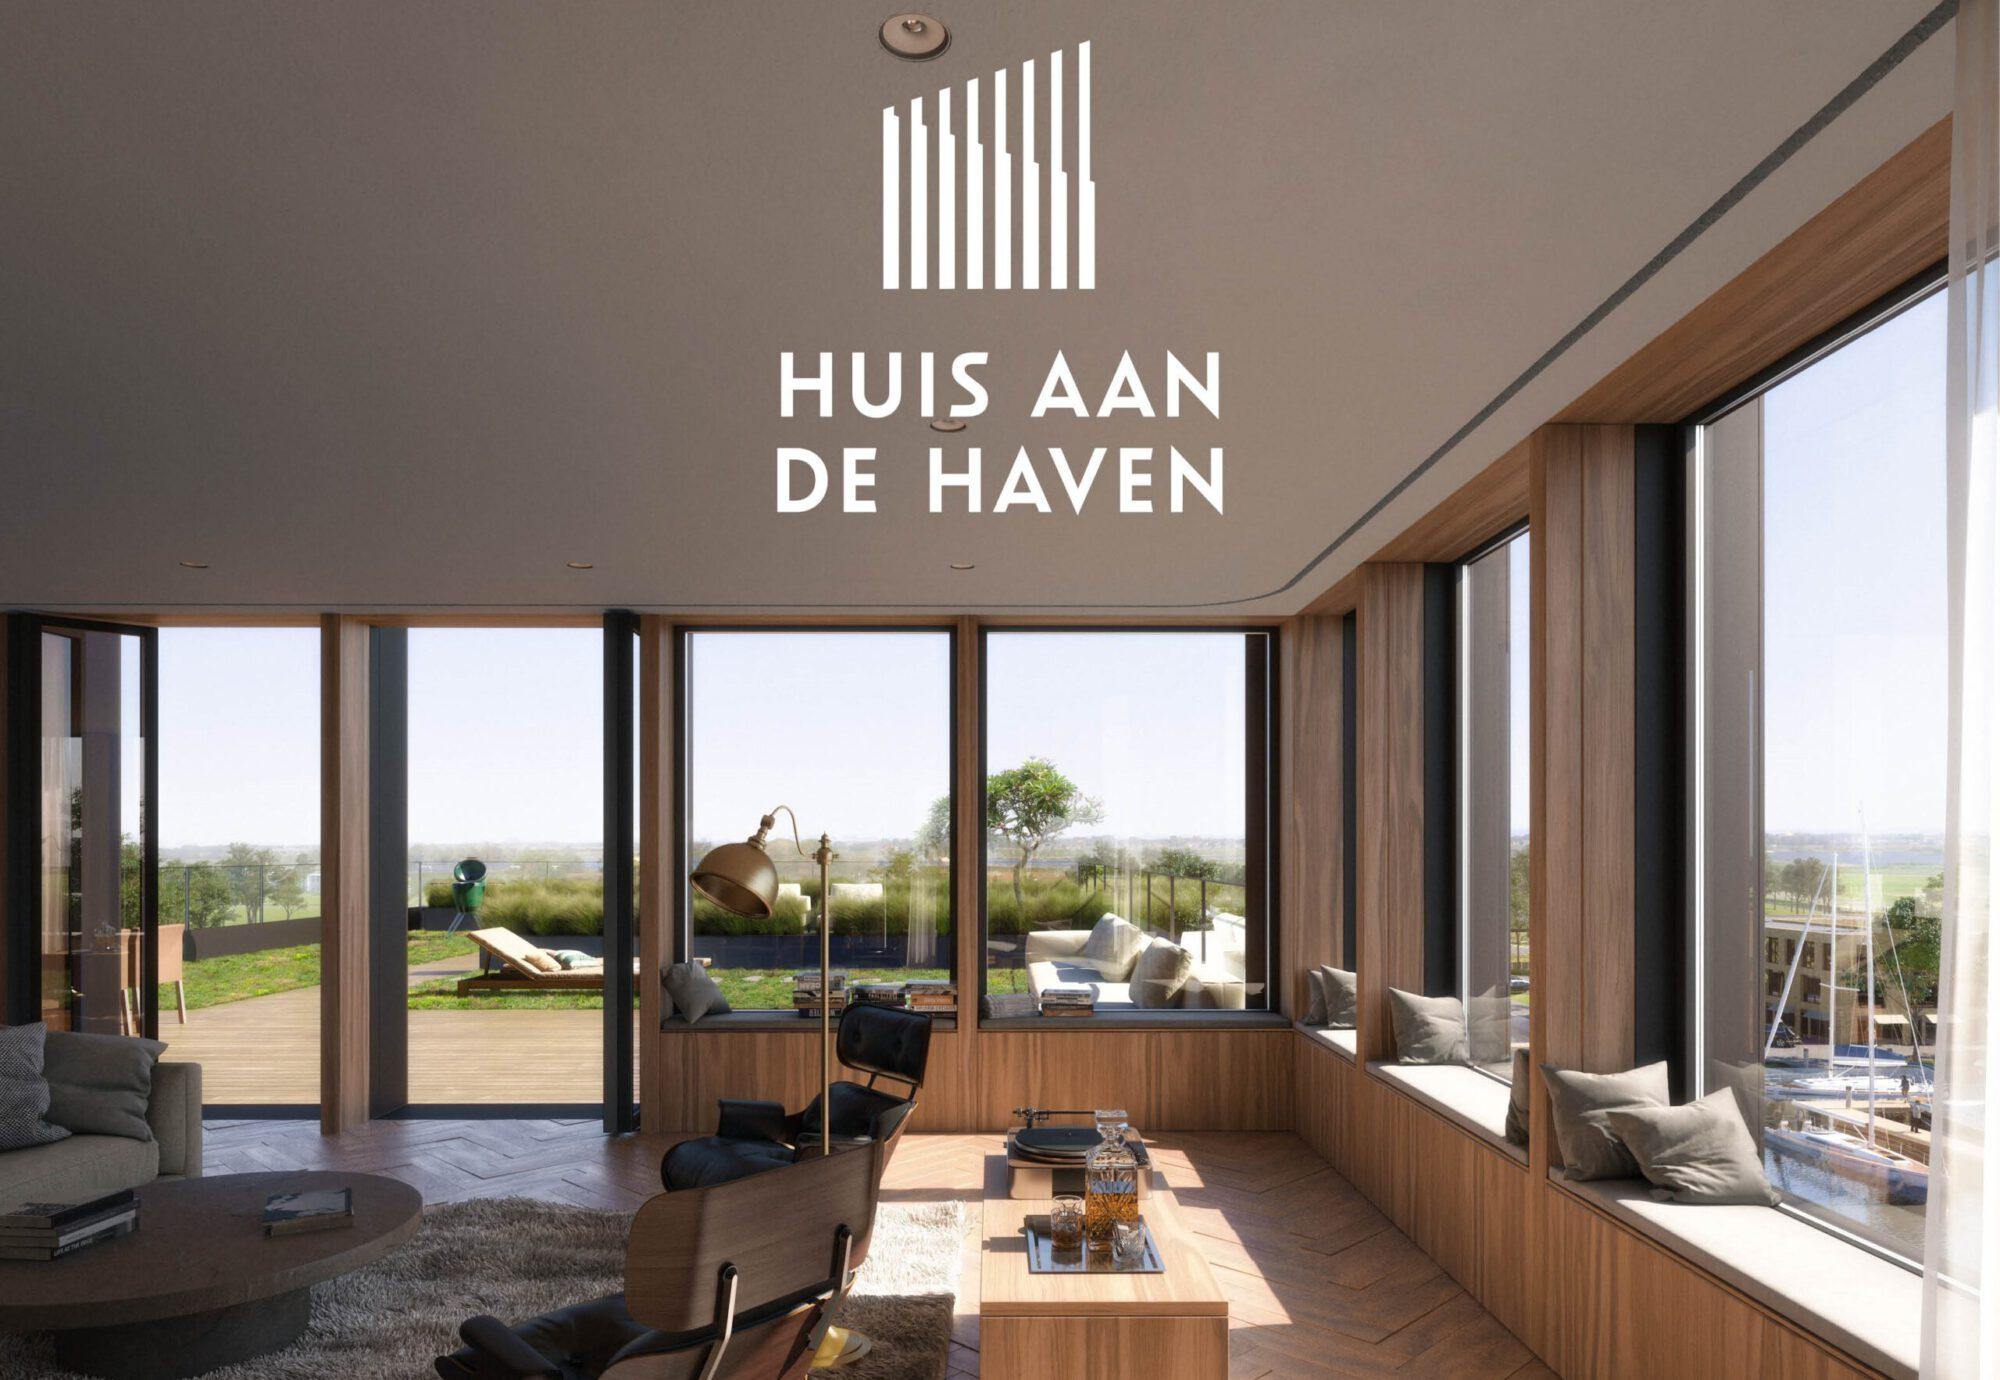 Huis aan de Haven